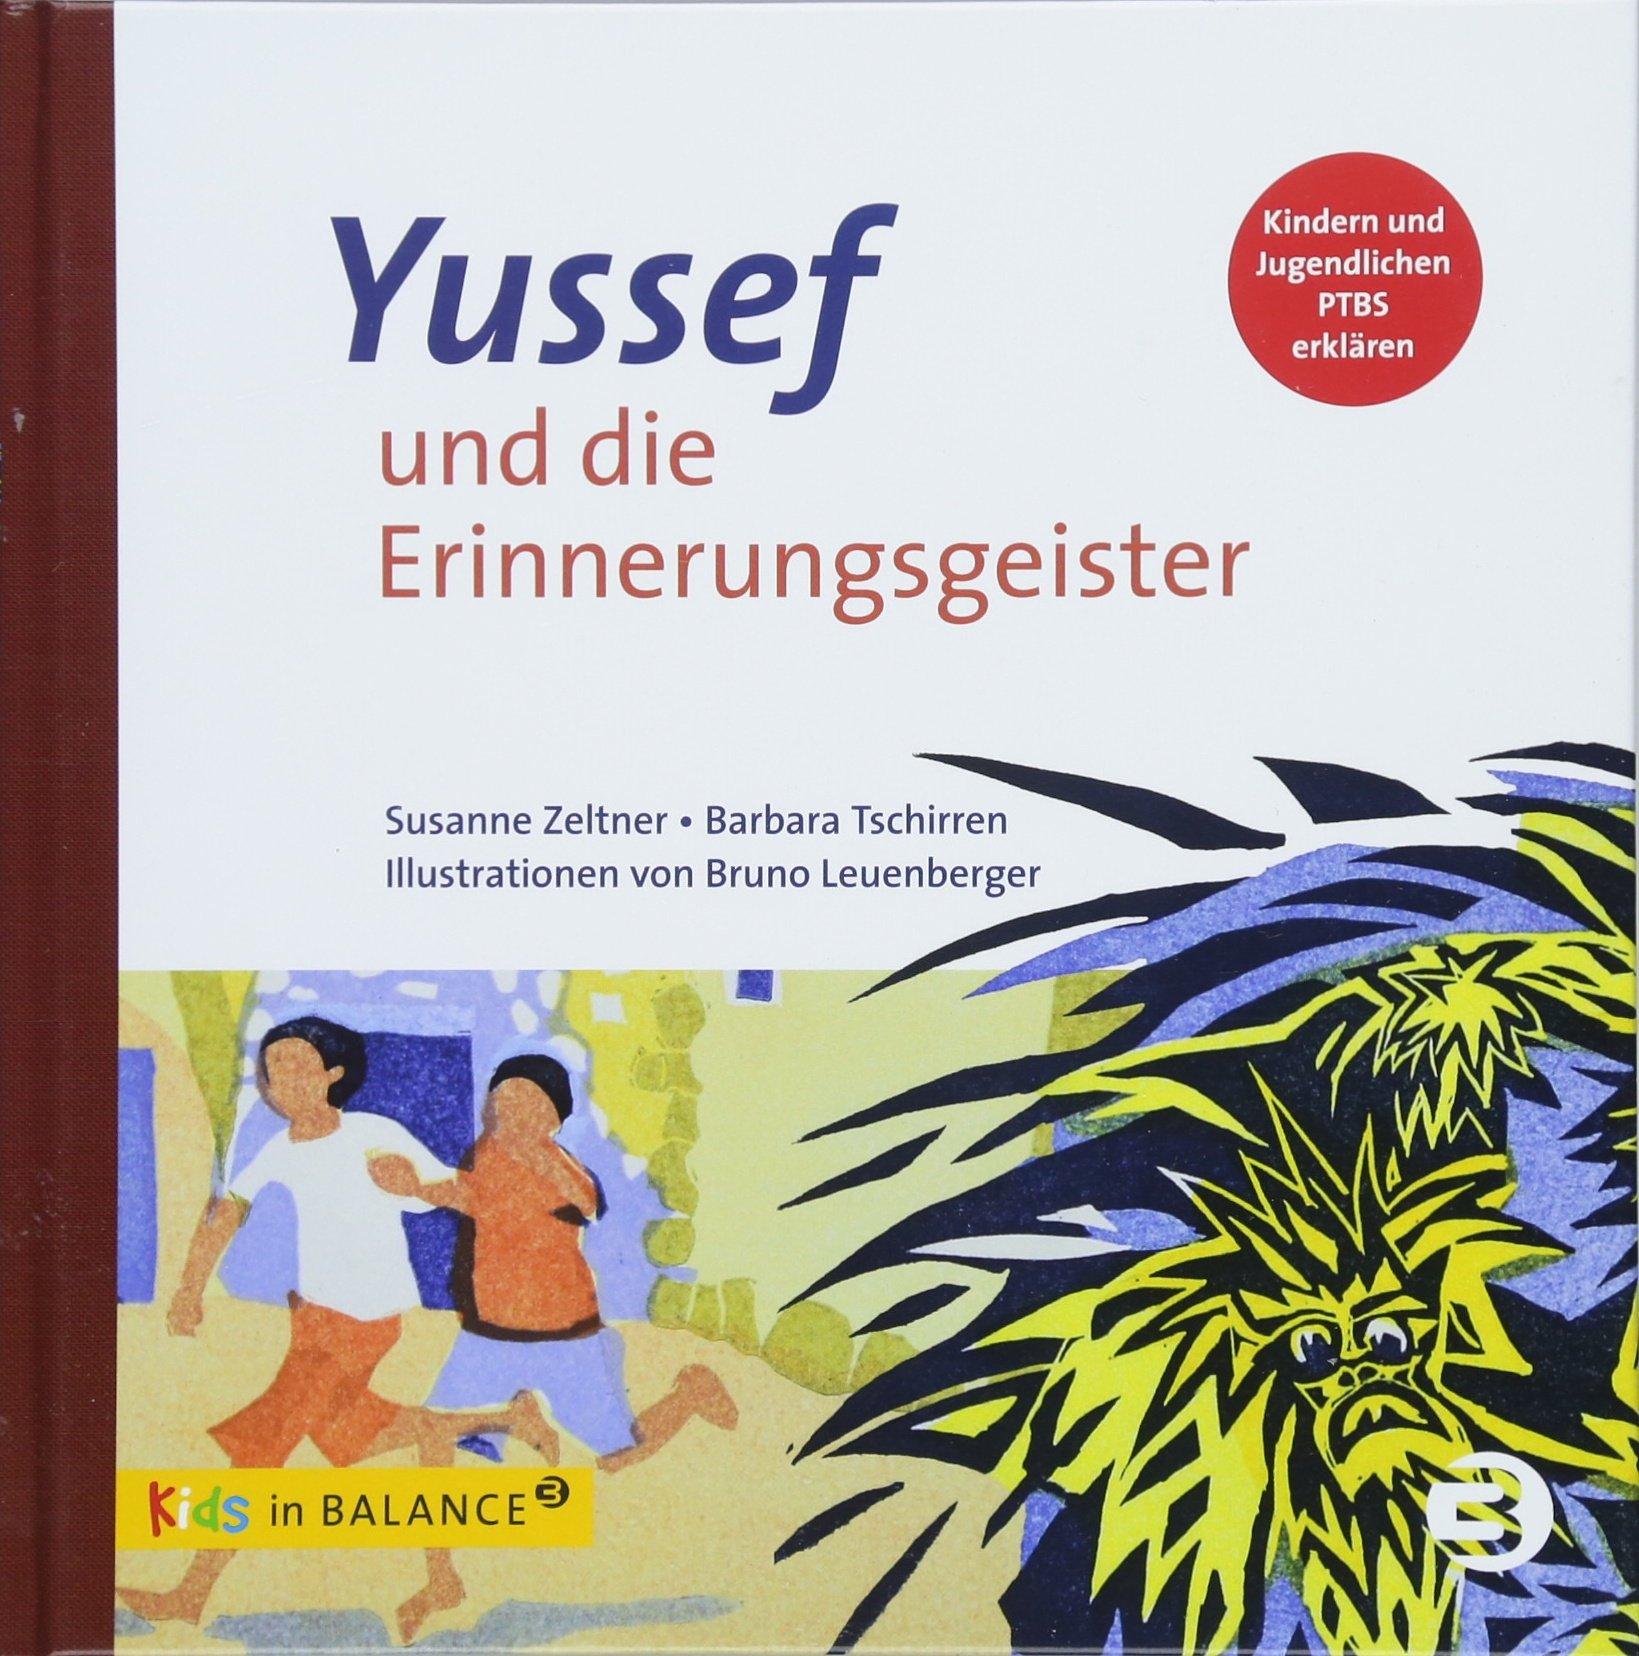 Yussef und die Erinnerungsgeister: Kindern und Jugendlichen PTBS erklären (kids in BALANCE)